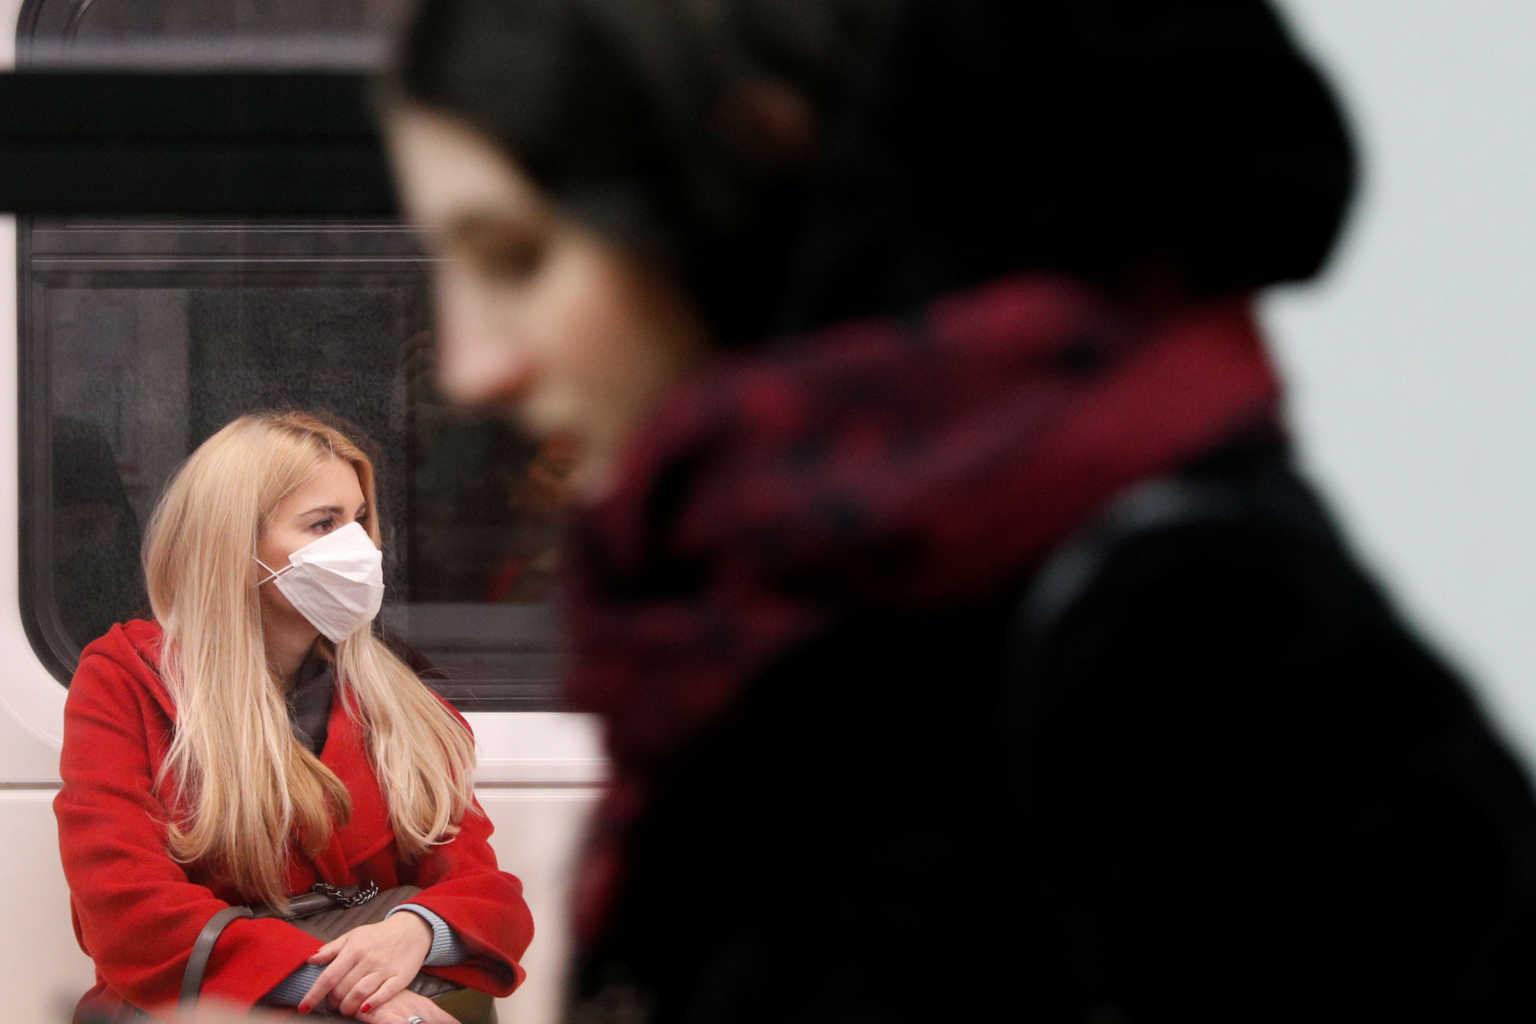 Κορονοϊός: 286 τα νέα κρούσματα σήμερα στη χώρα μας